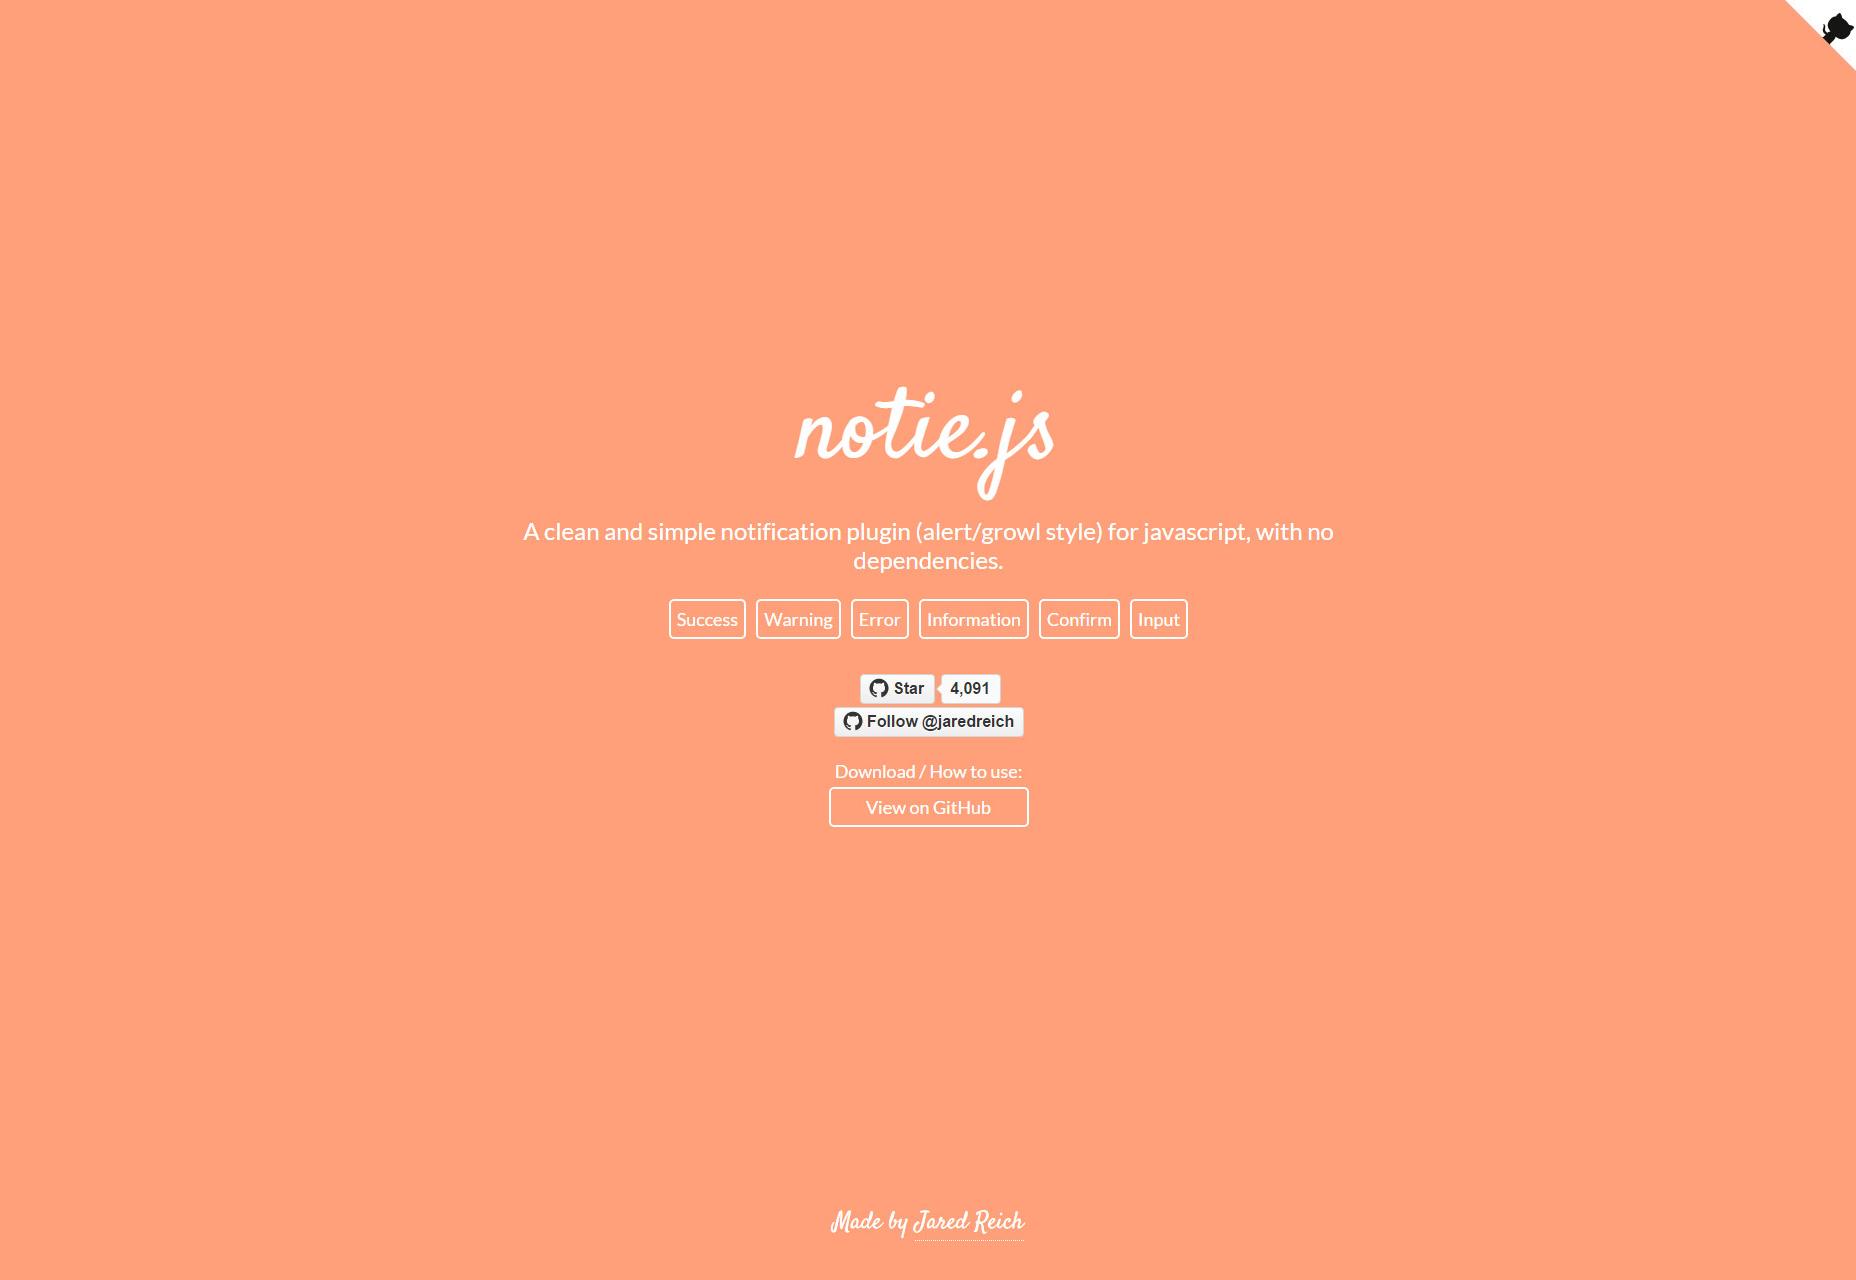 Notie.js: Complemento de notificación simple sin dependencias